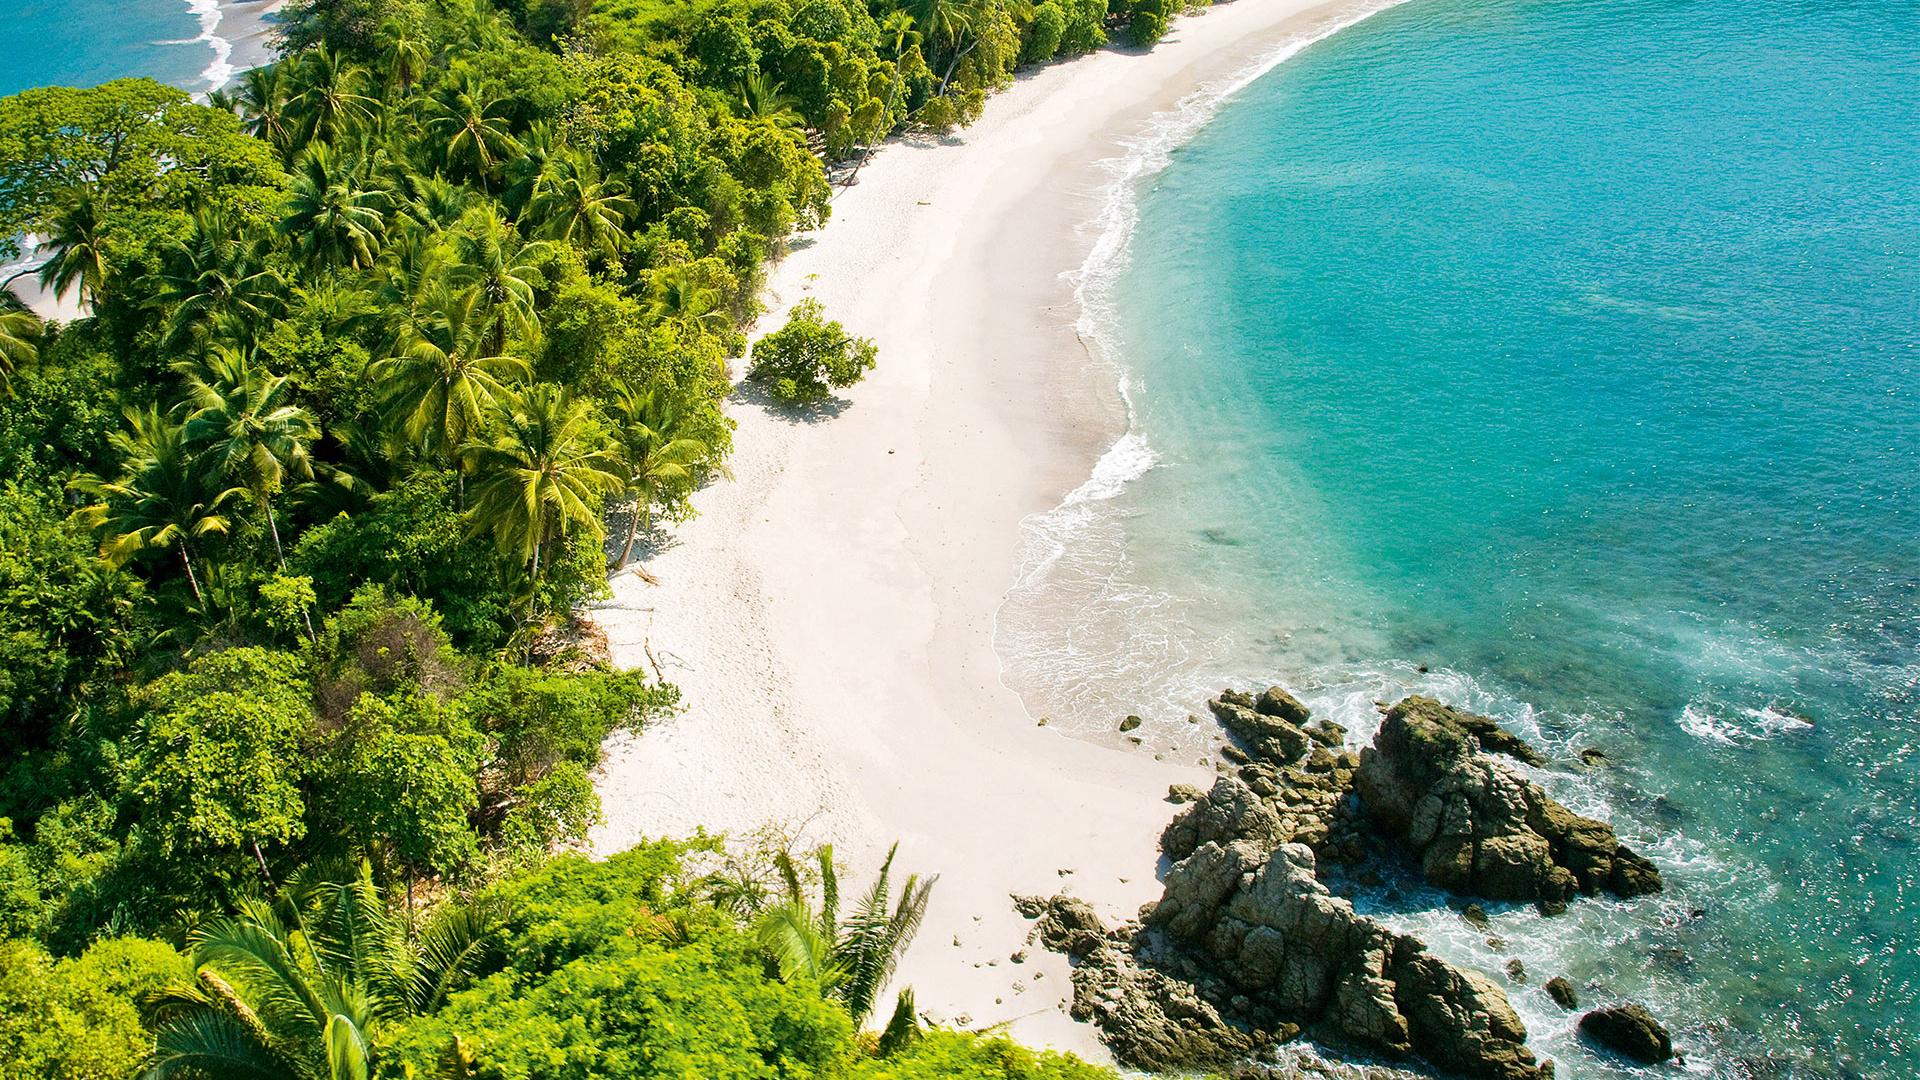 Aerial photo of the beach at Manuel Antonio